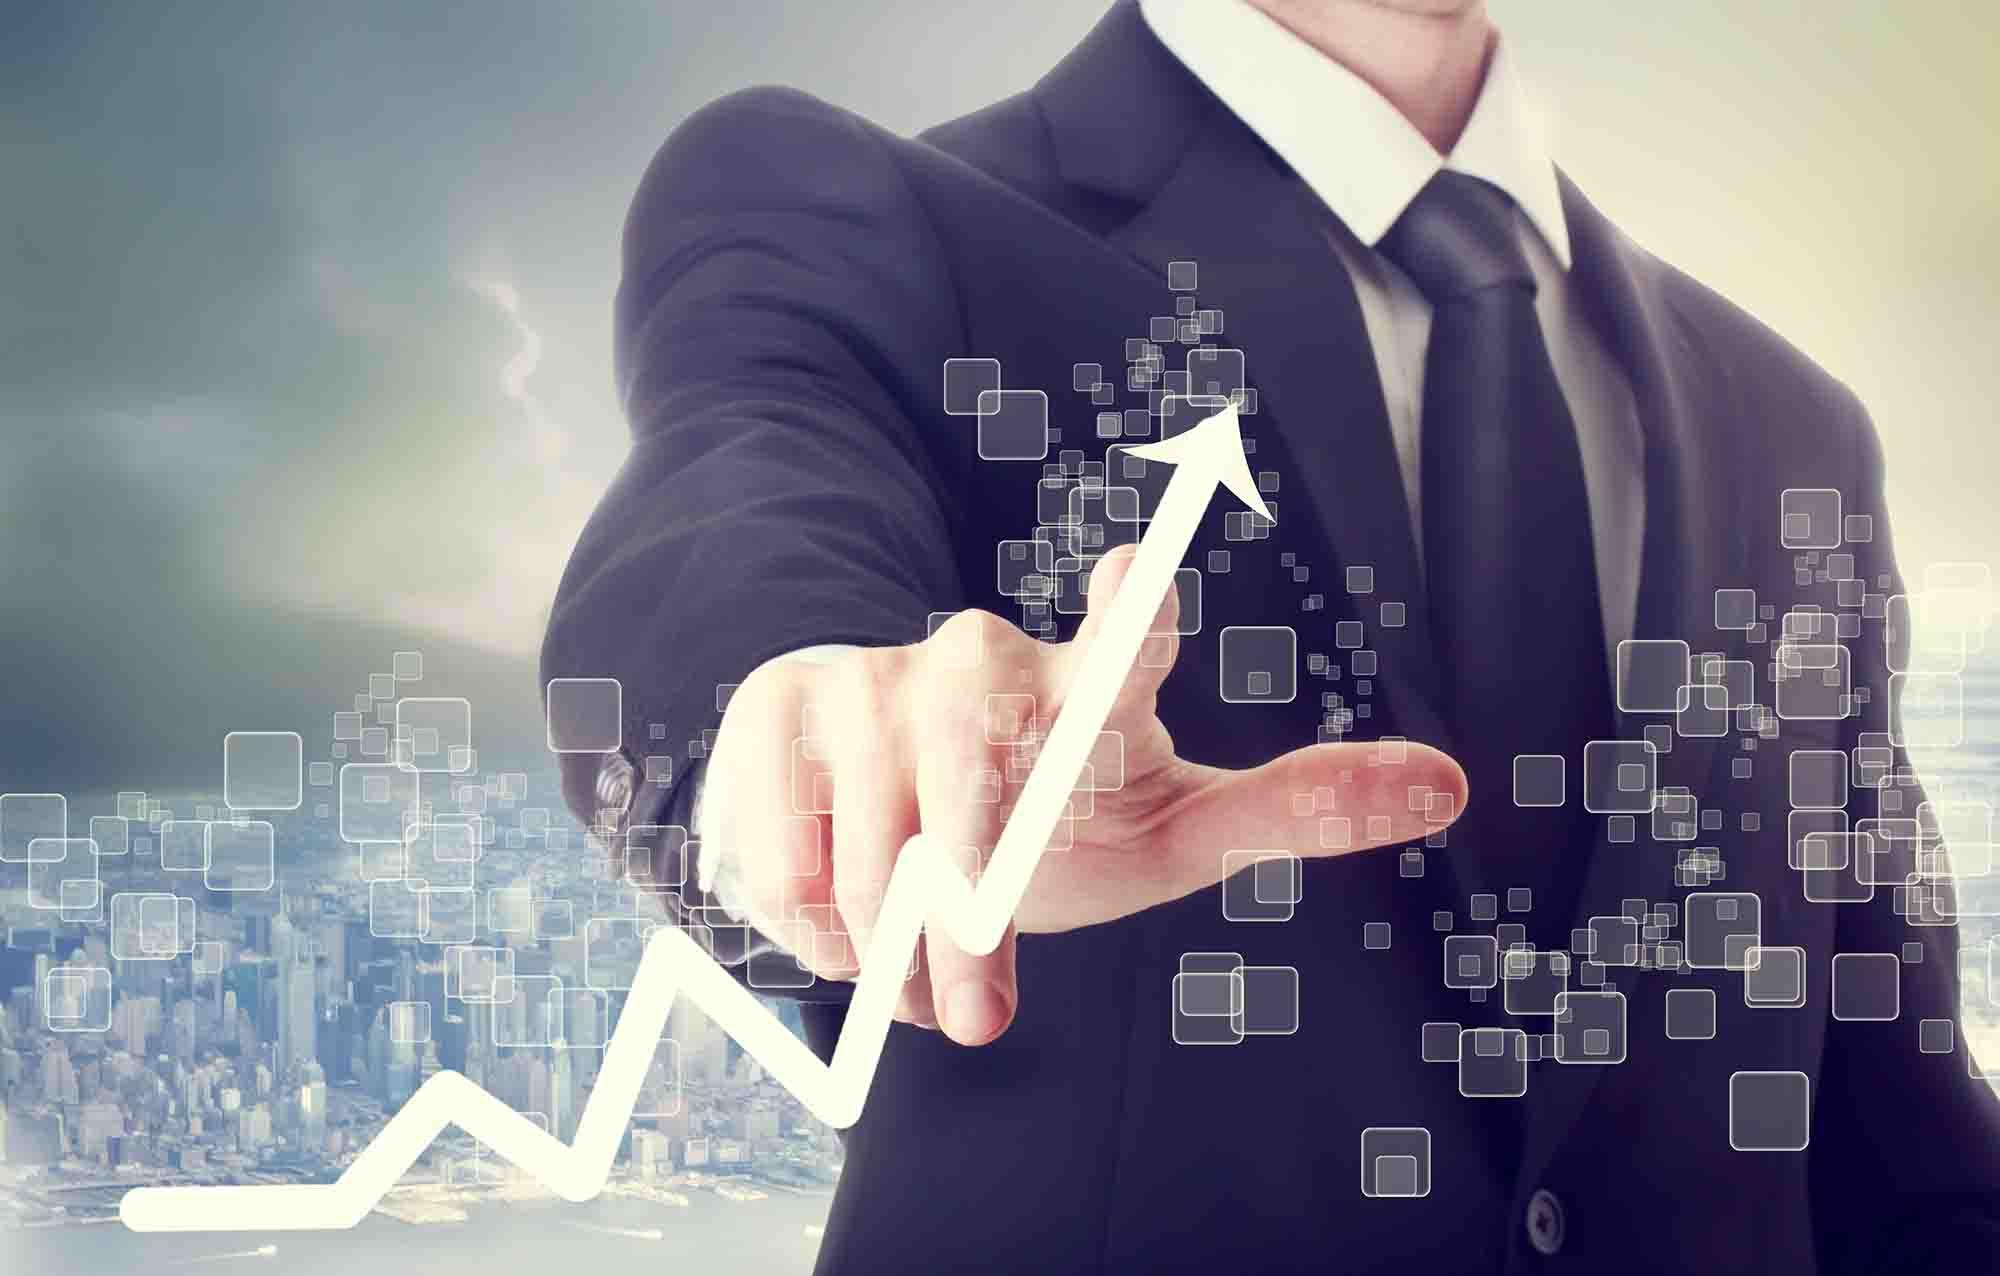 1-8月组合基金高达95.56%私募赚钱,深圳云天志重回冠军席!